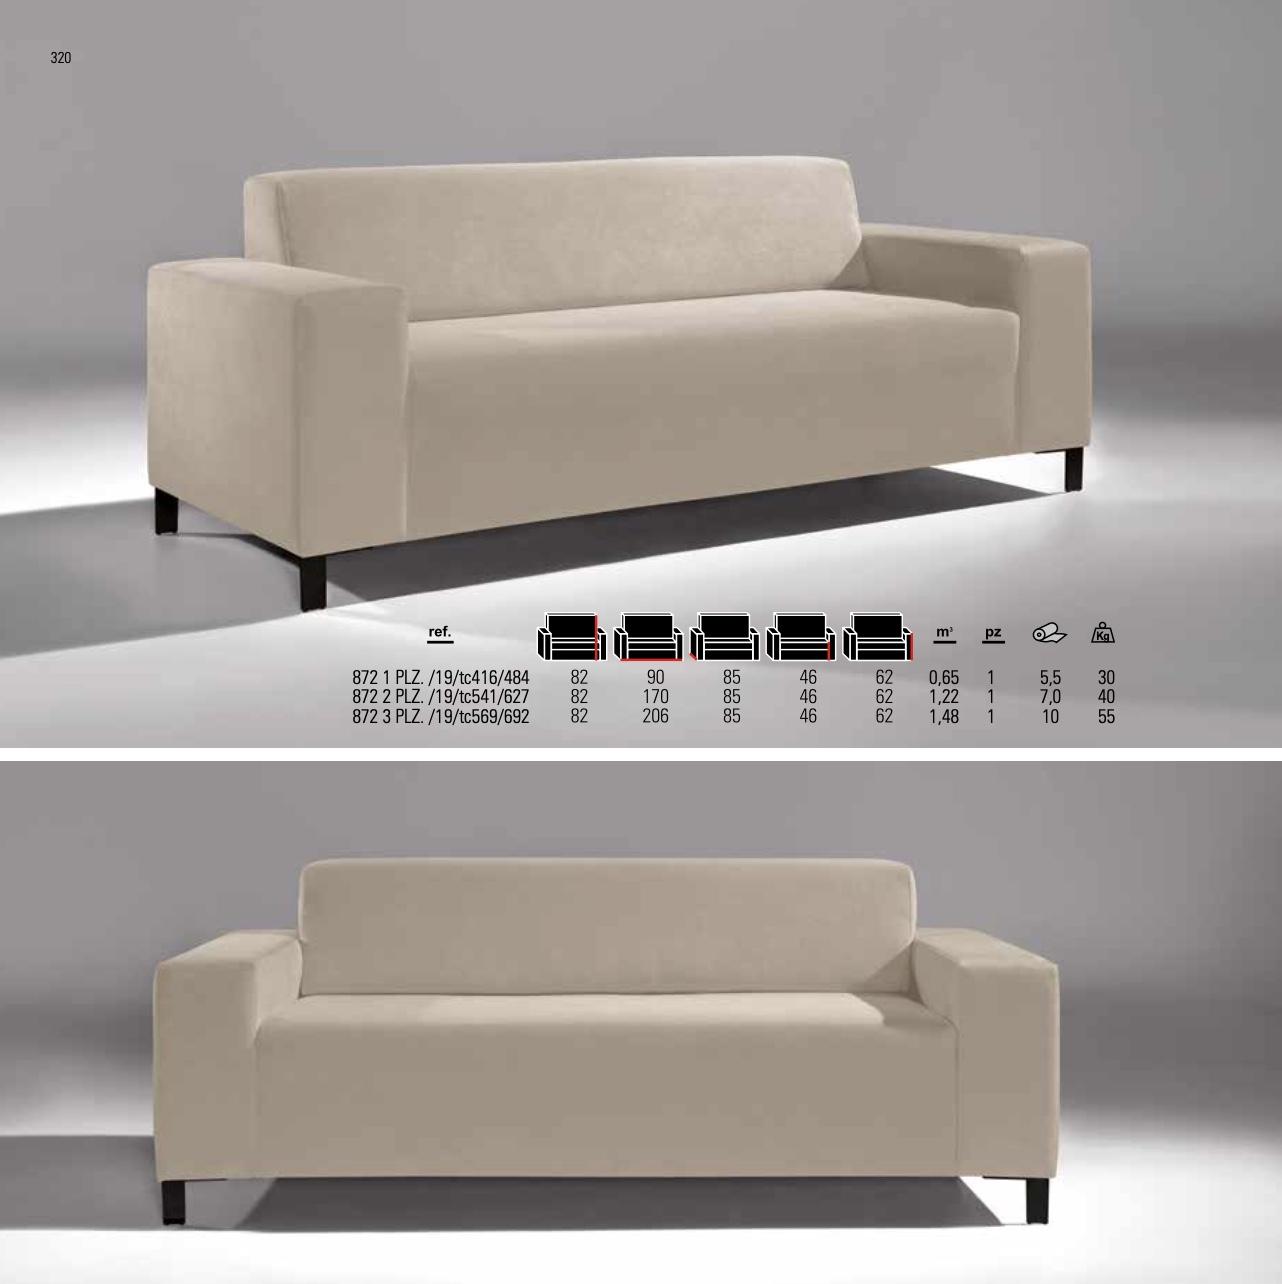 TM-Sofas-4